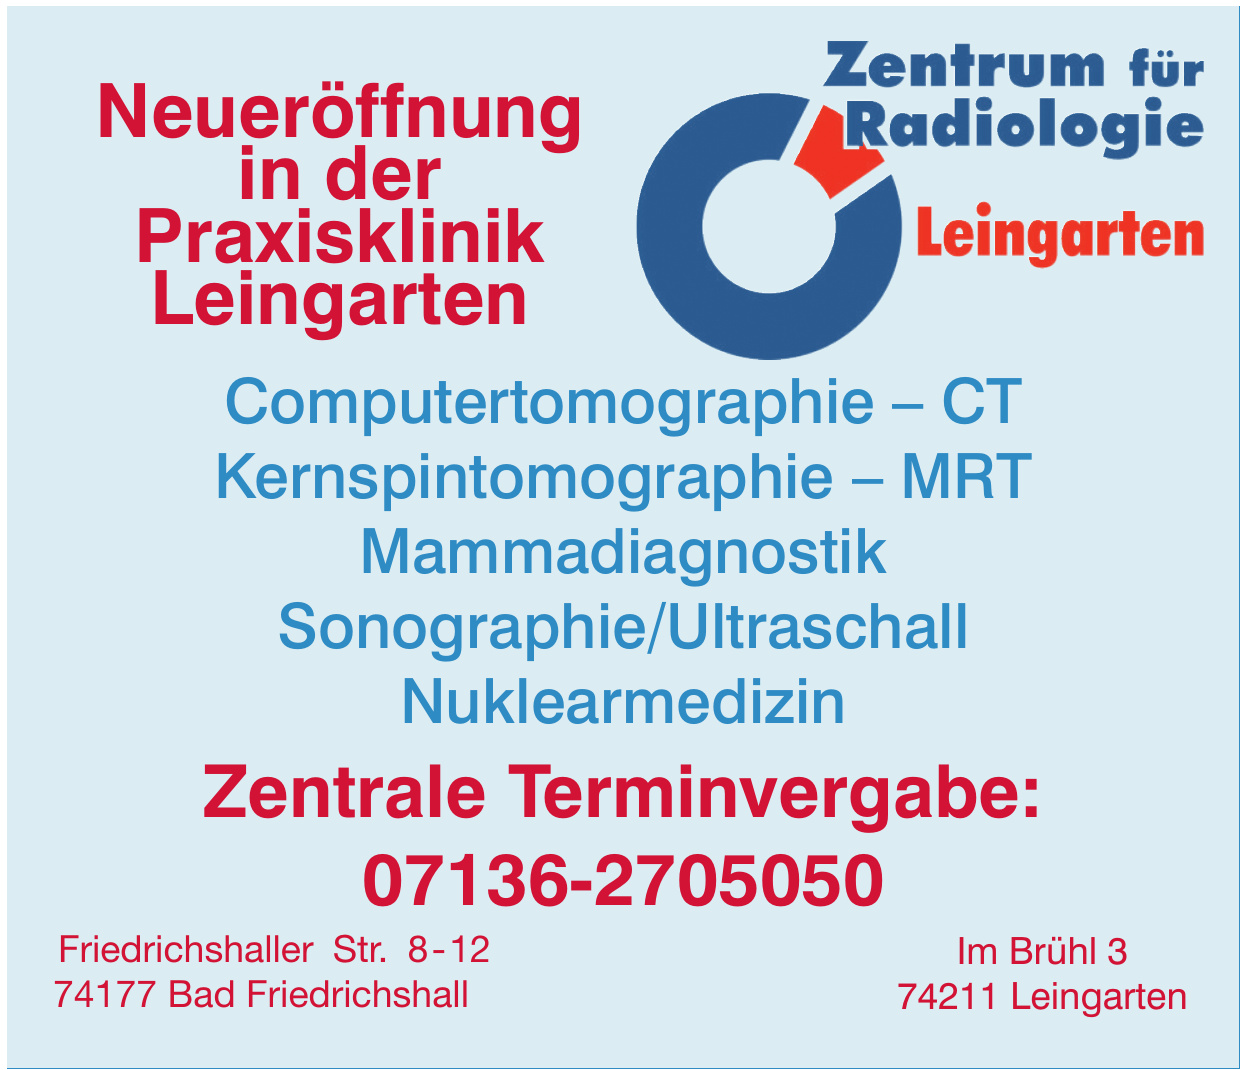 Zentrum für Radiologie Leingarten